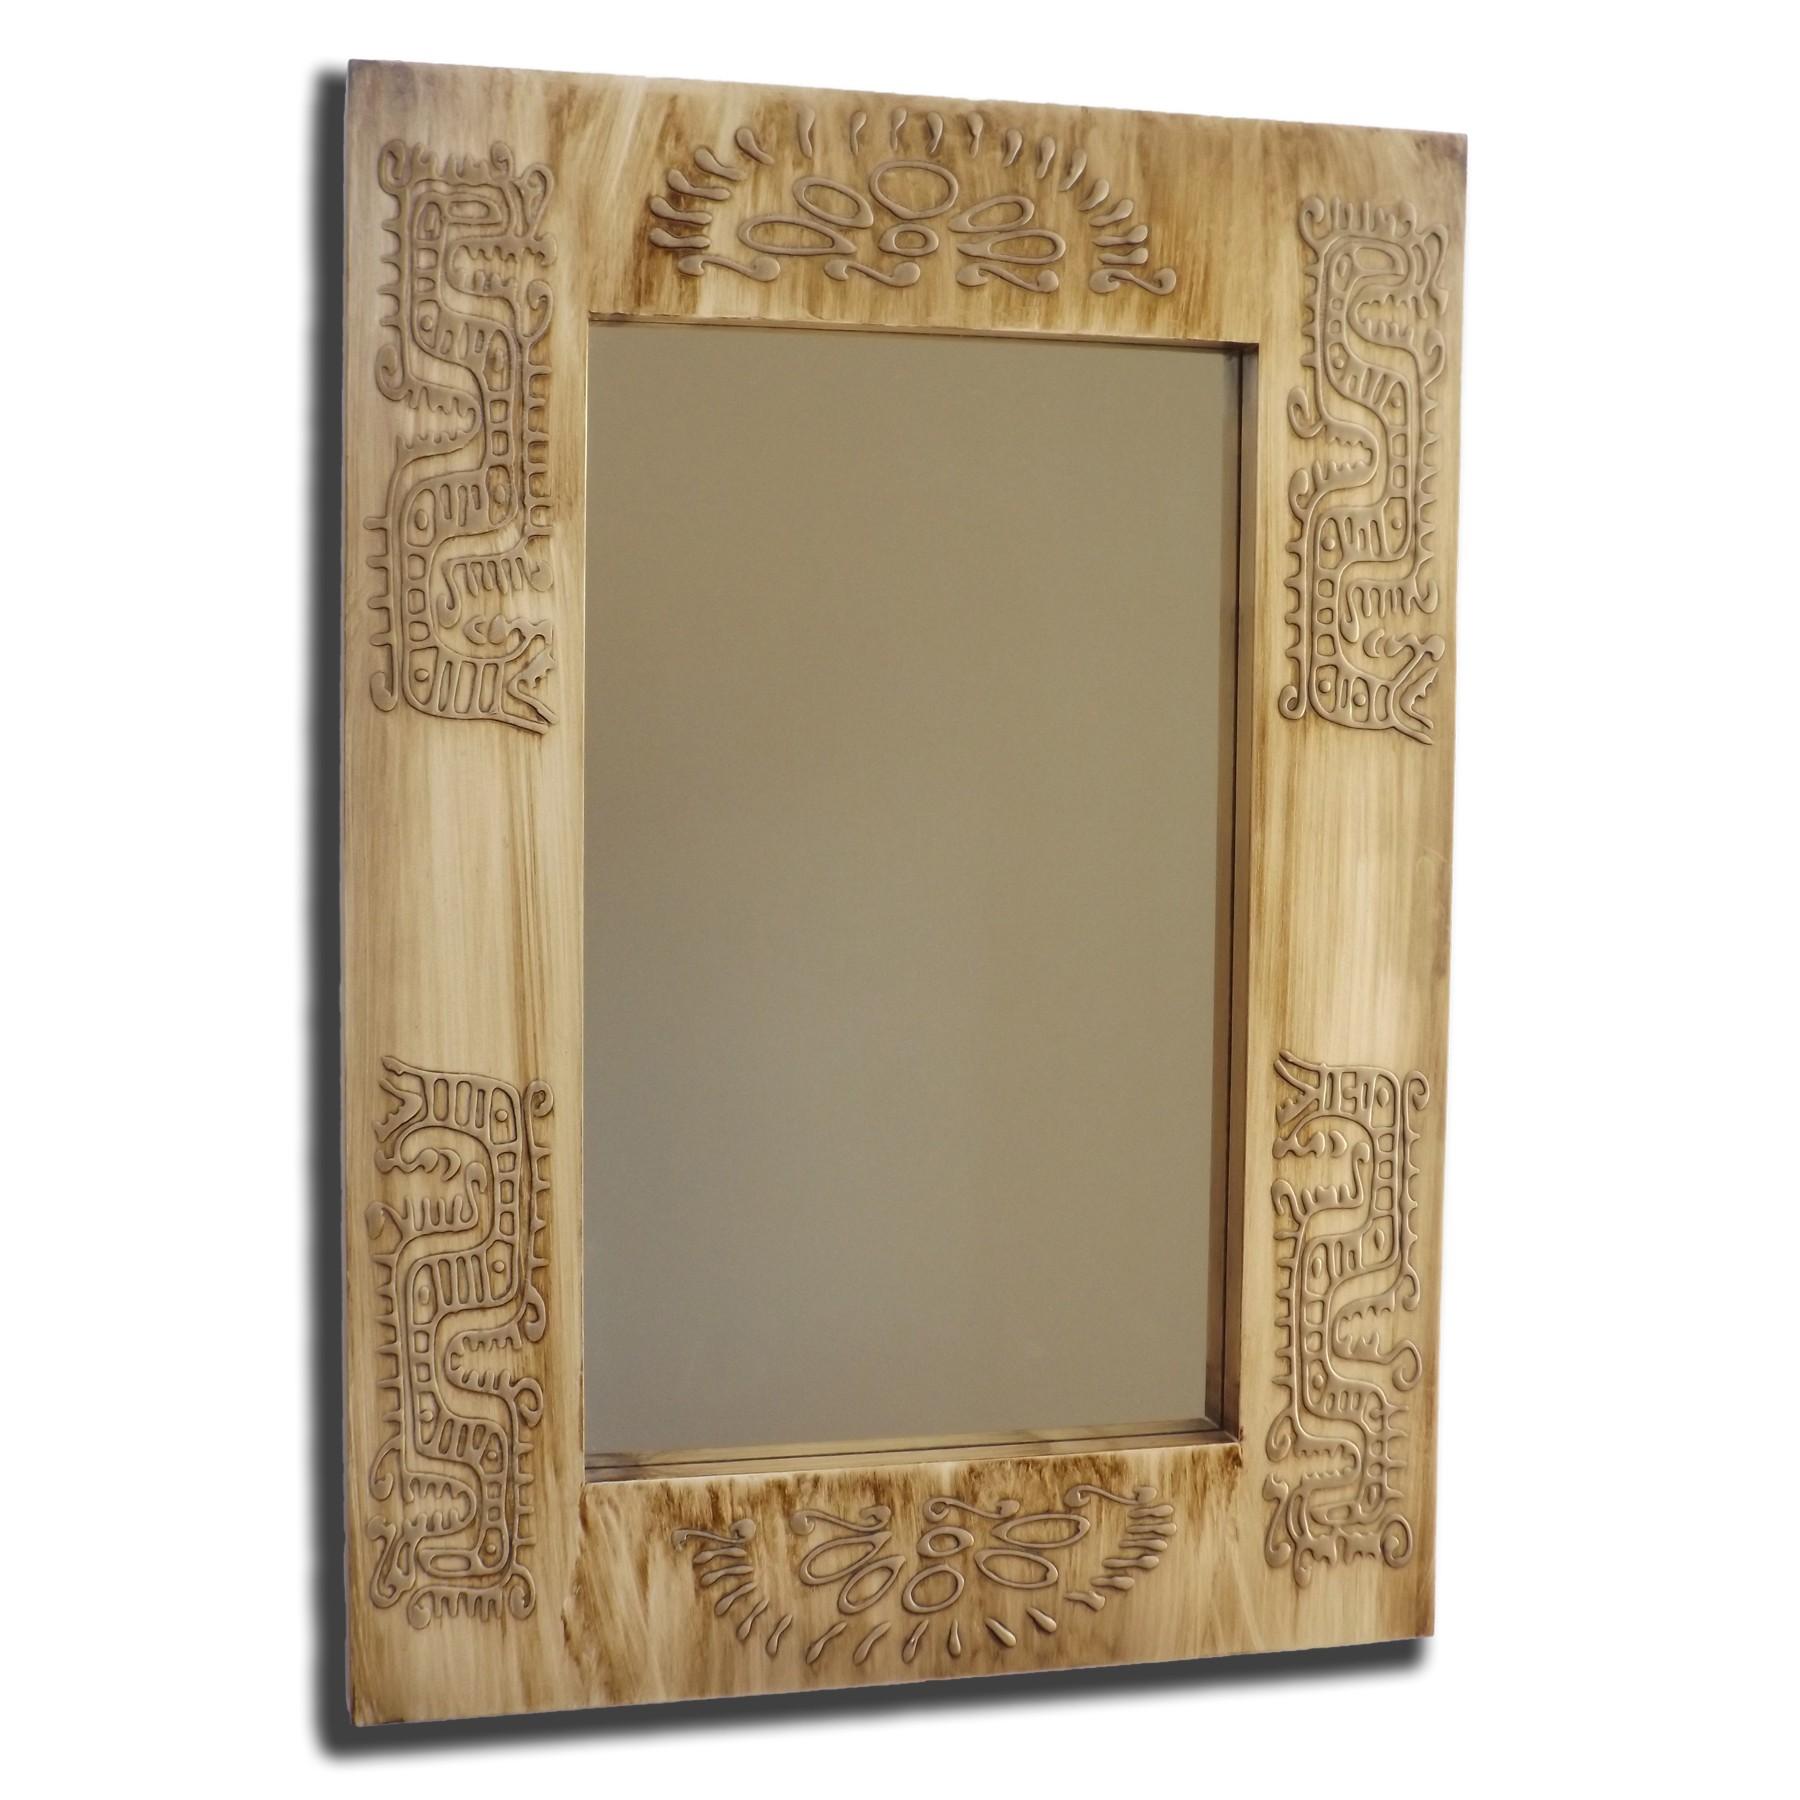 Espejo artesanal de pared hecho a mano modelo yuma for Modelos de espejos decorativos